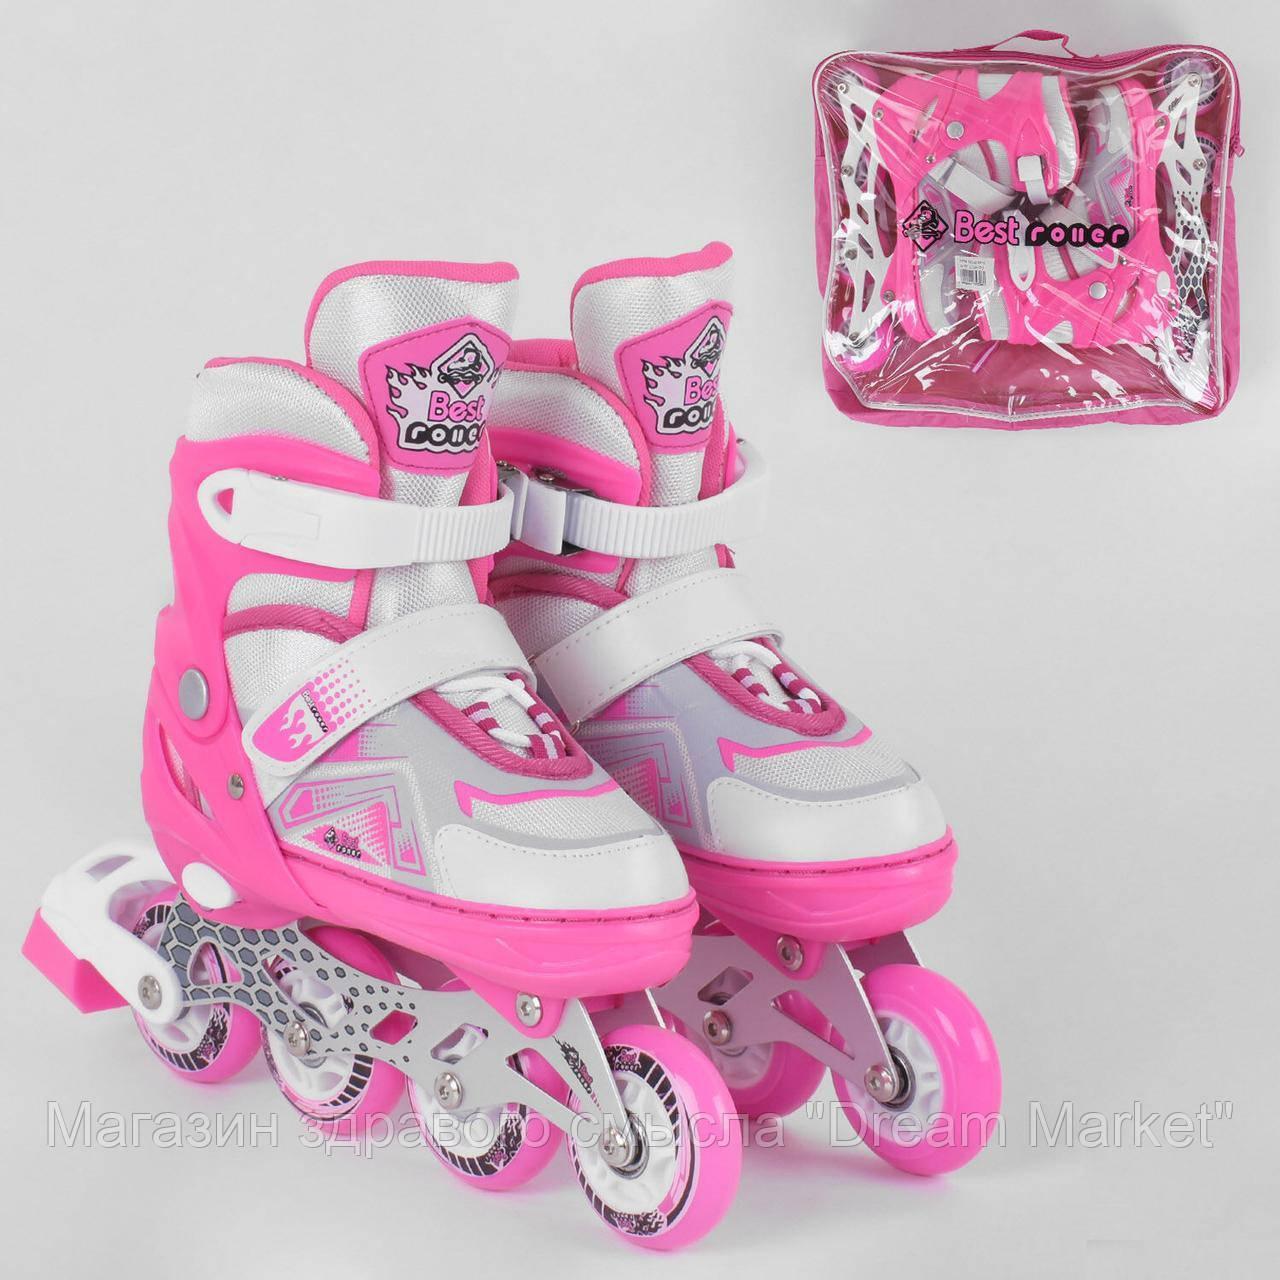 Детские Ролики для девочек: алюминиевая рама, колеса PU, светящееся колесо, подшипники АВЕС7, размер M (34-37)